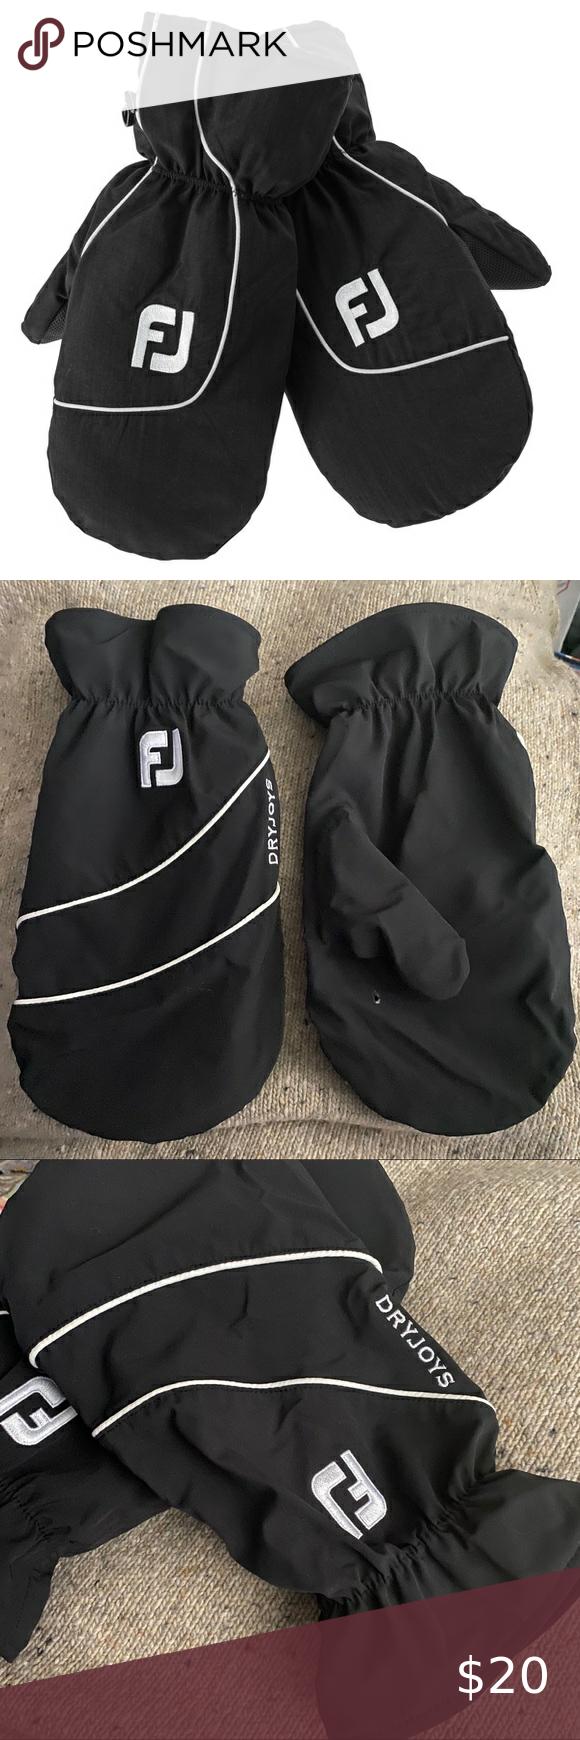 Foot Joy Glove Love golf cart mitts in 2020 Black fleece